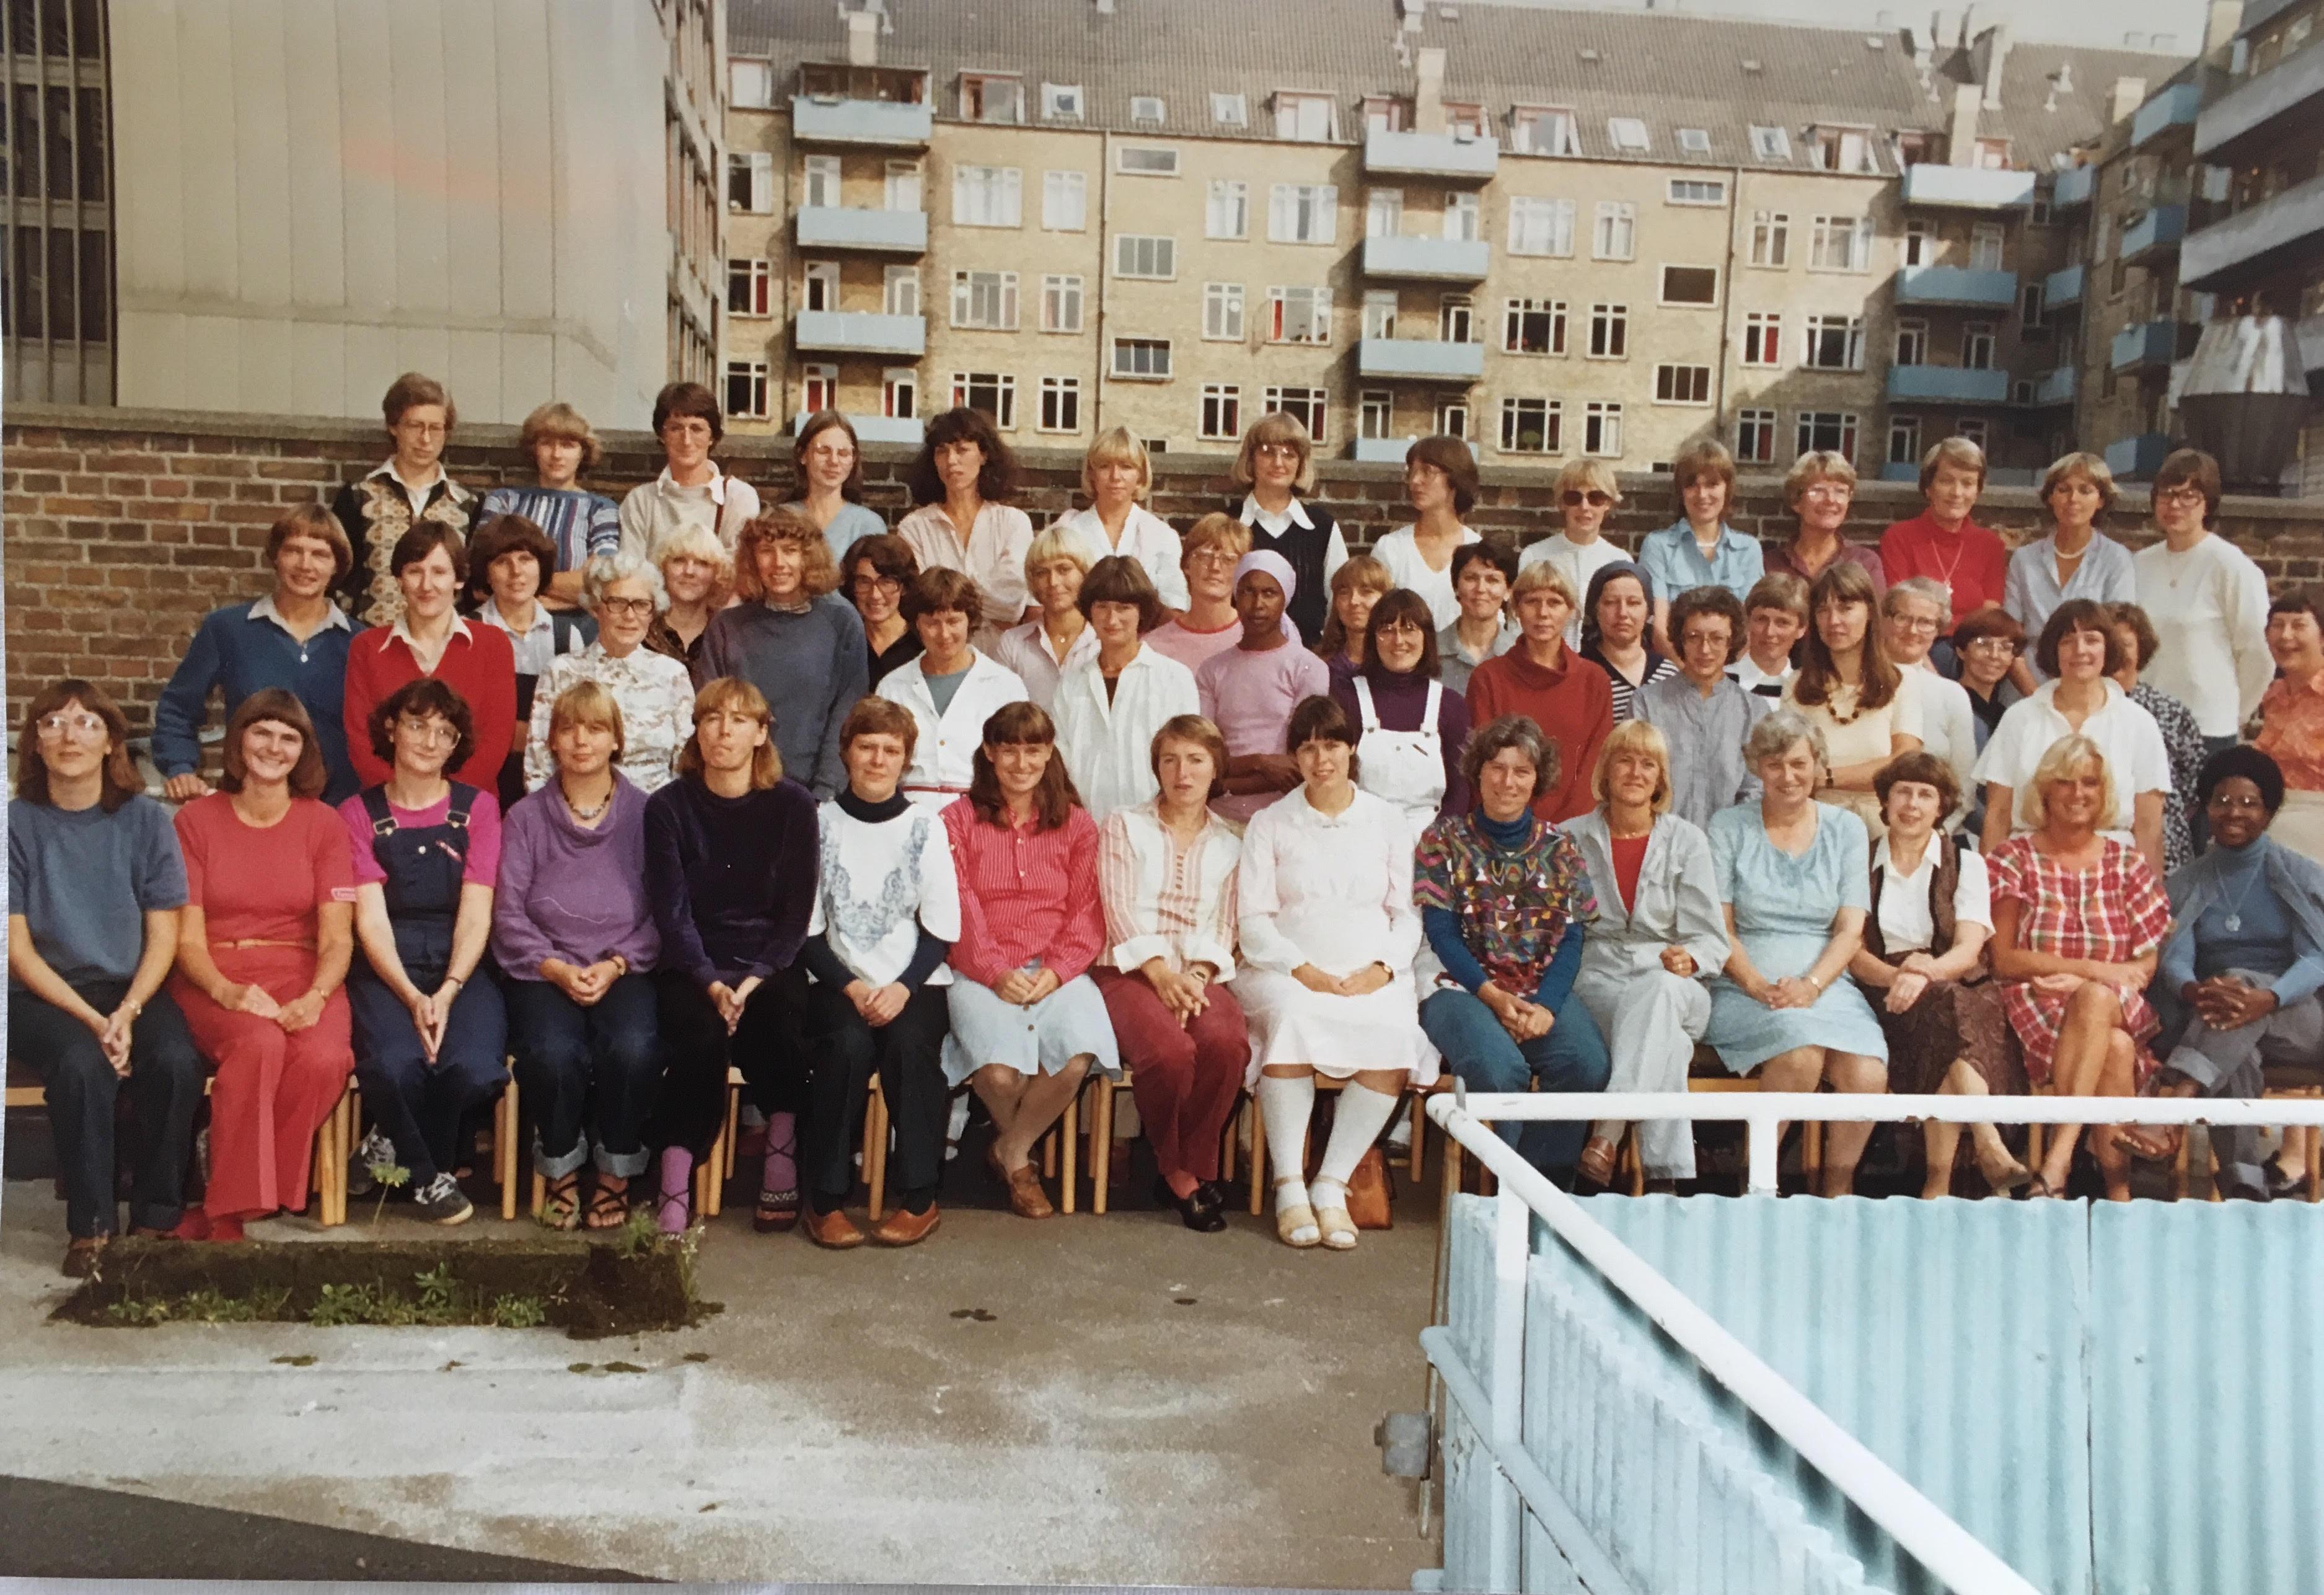 Sundhedsplejen i Kbh 1980